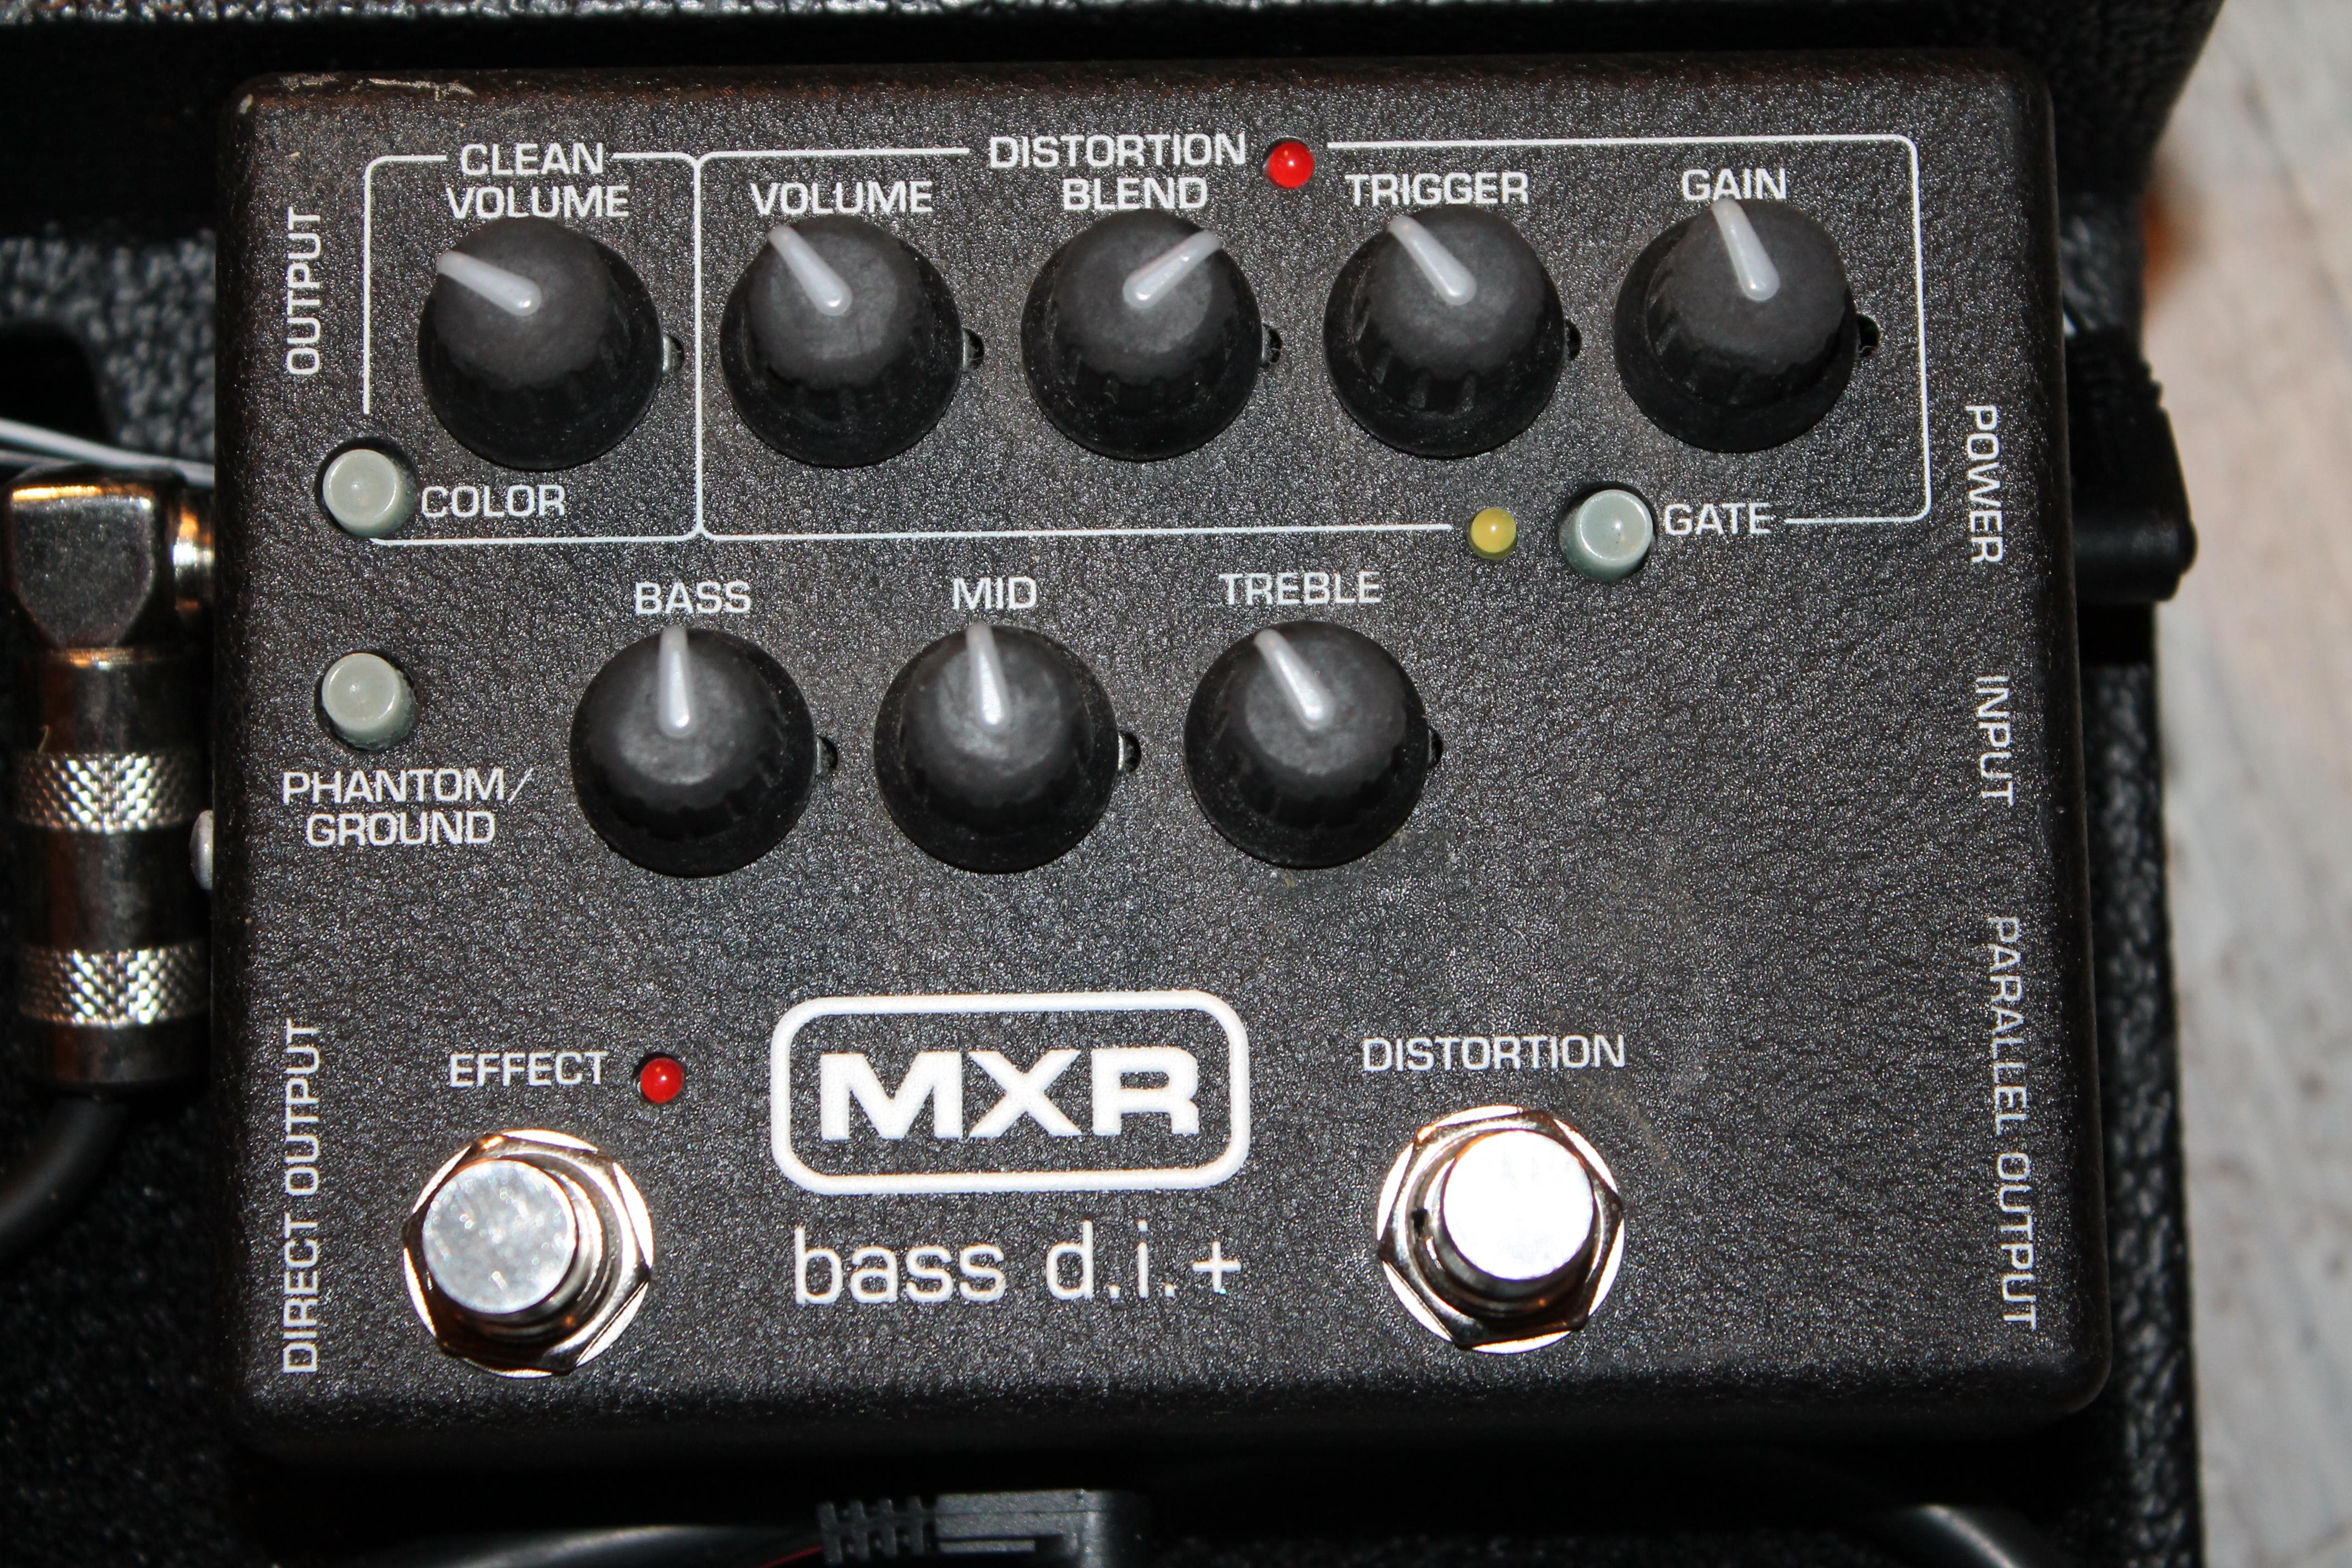 mxr m80 bass d i image 528395 audiofanzine. Black Bedroom Furniture Sets. Home Design Ideas